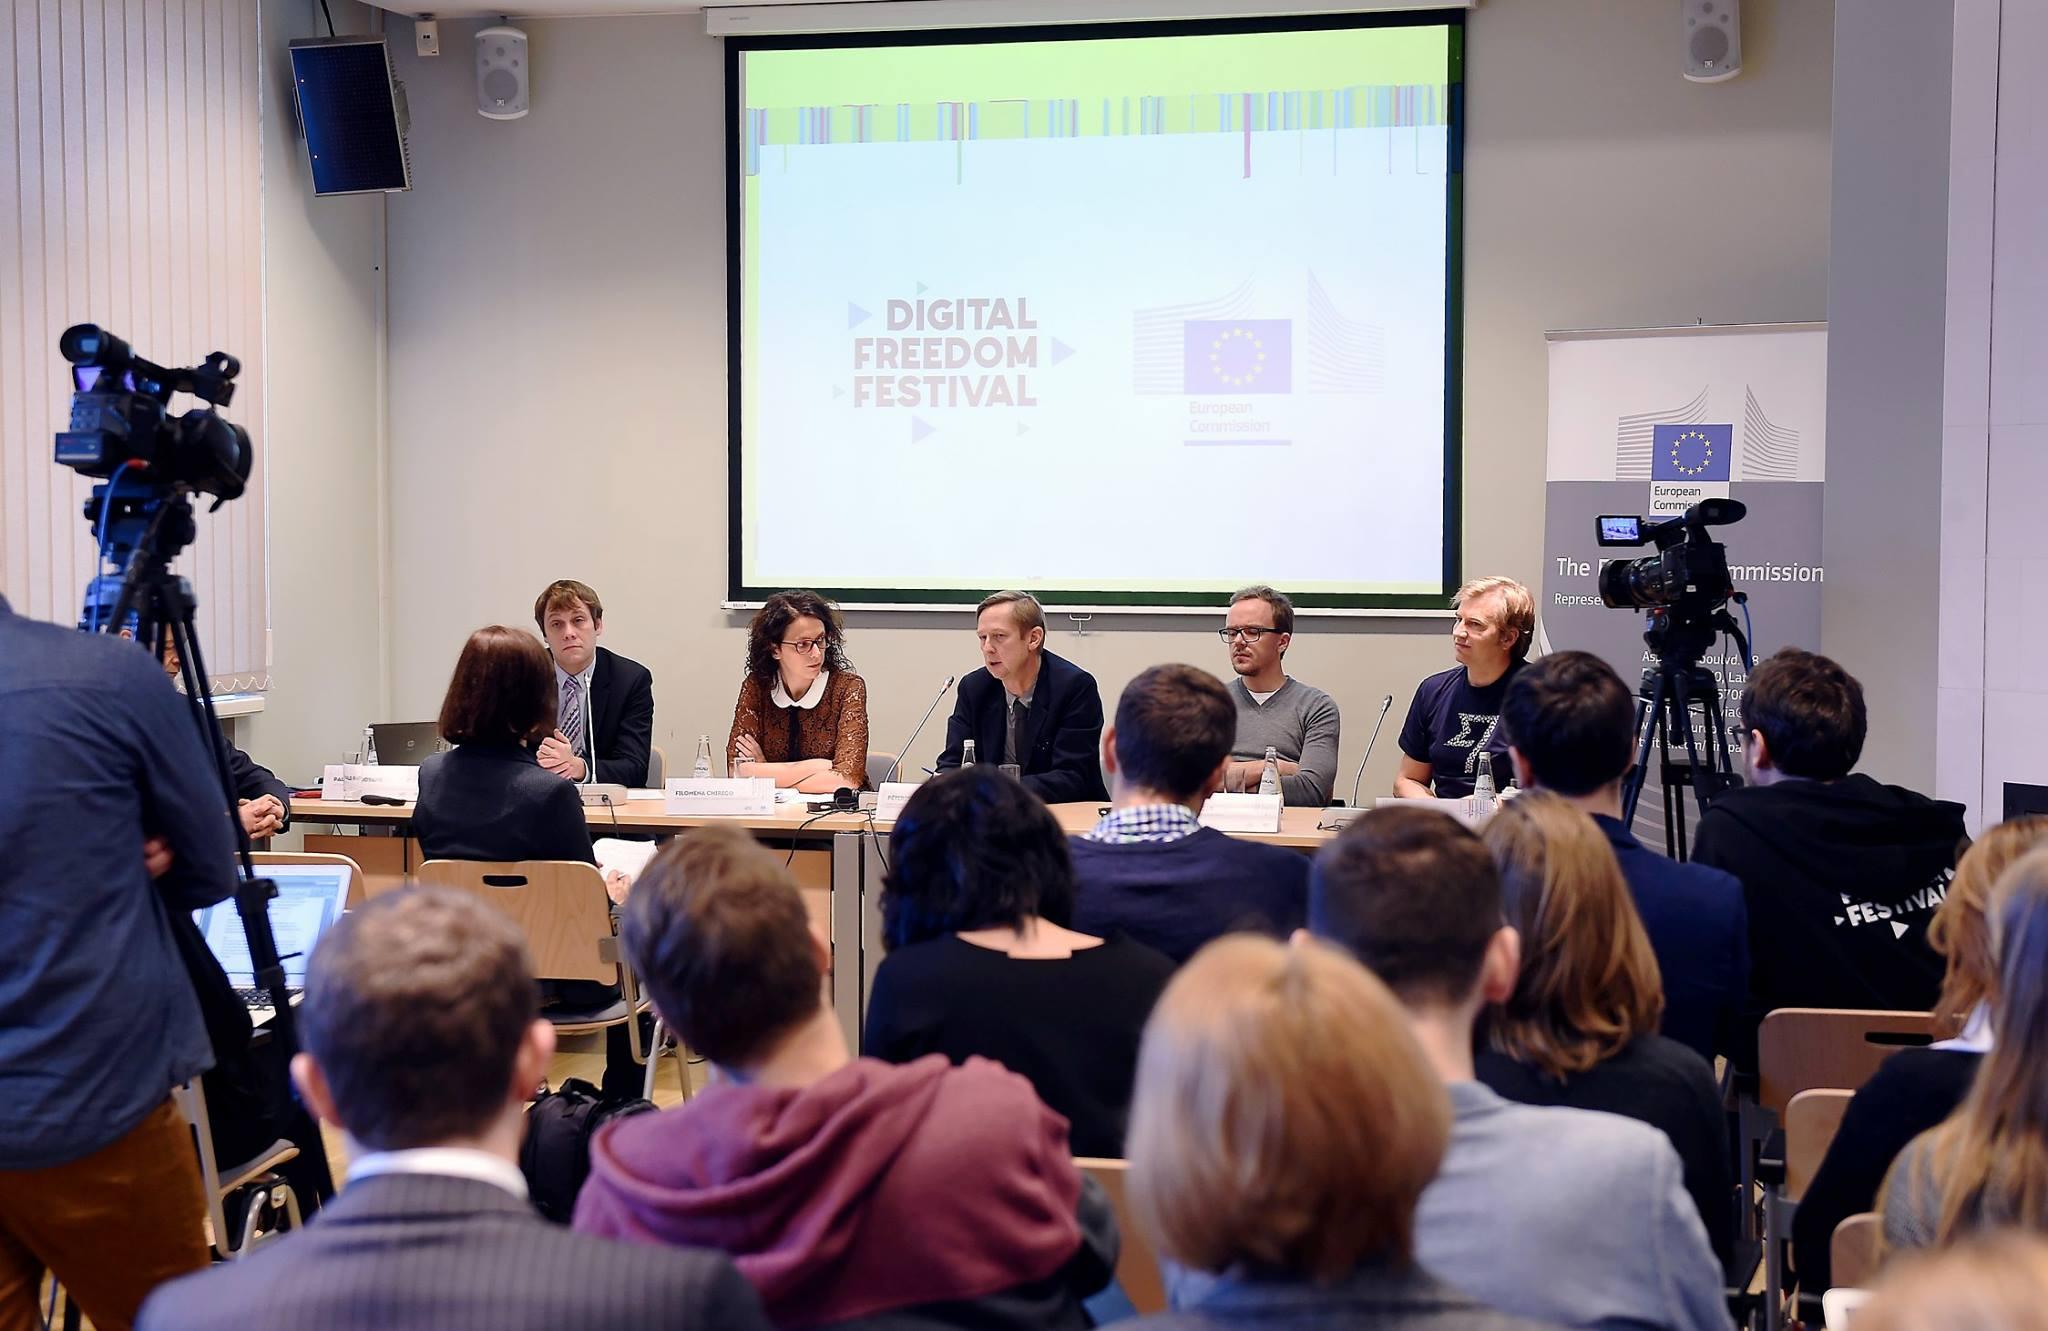 Dalīšanās ekonomikas nākotne un atziņas no Digital Freedom Festival-sharing-economy-dalisanas-ekonomikas-paneldiskusija